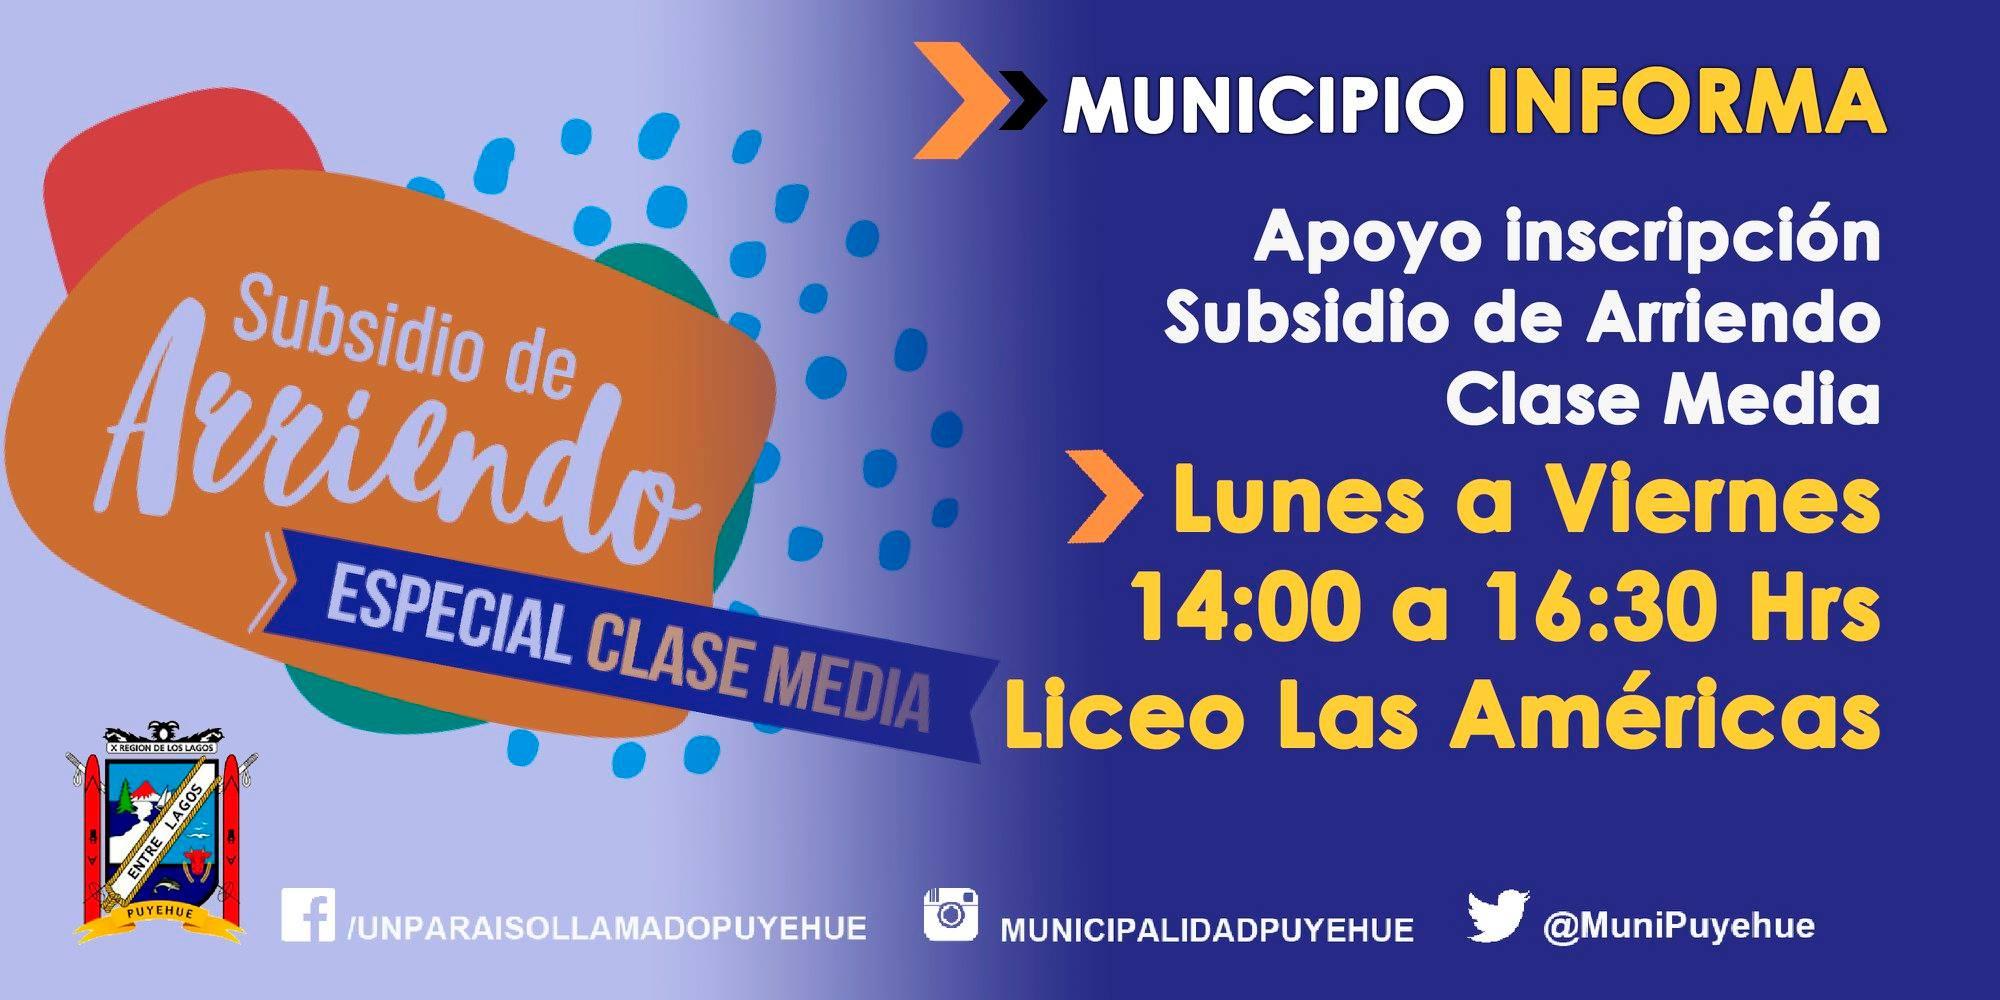 SUBSIDIO DE ARRIENDO CLASE MEDIA